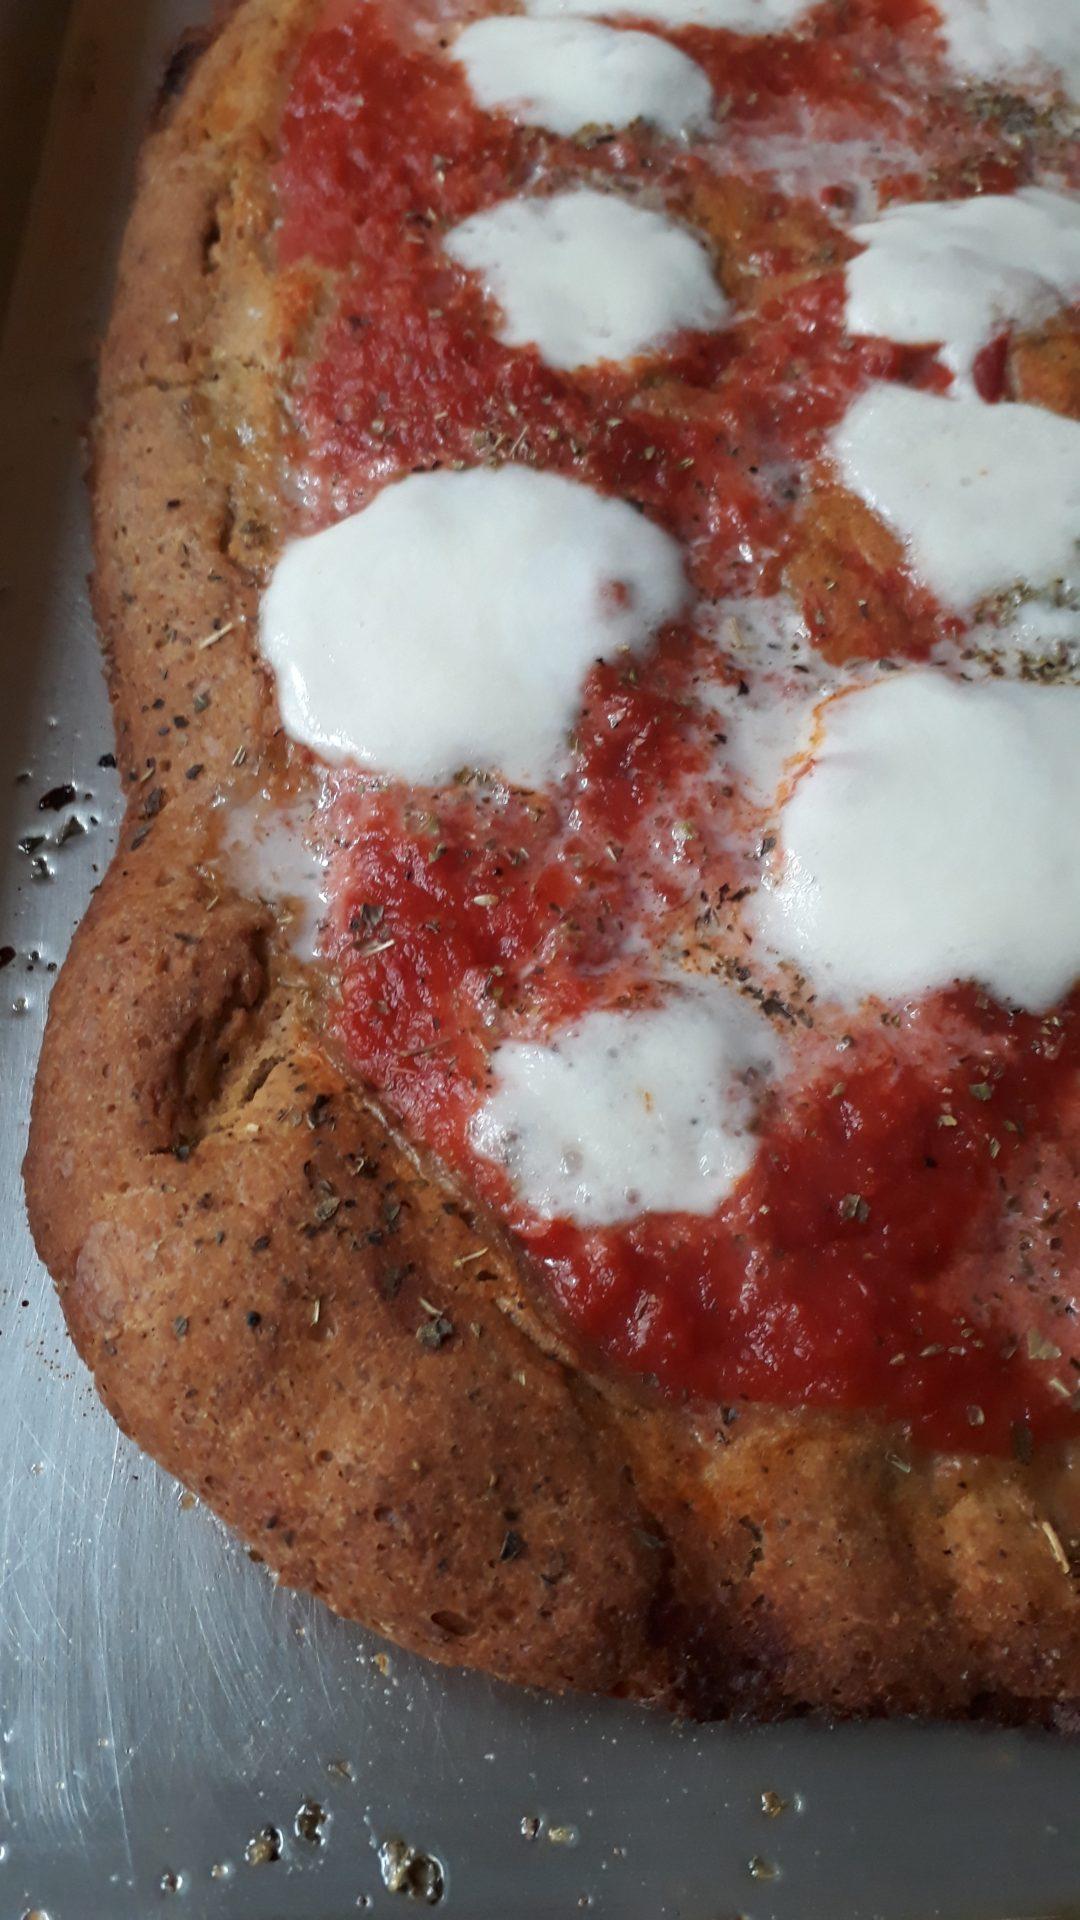 pizza alla roveja